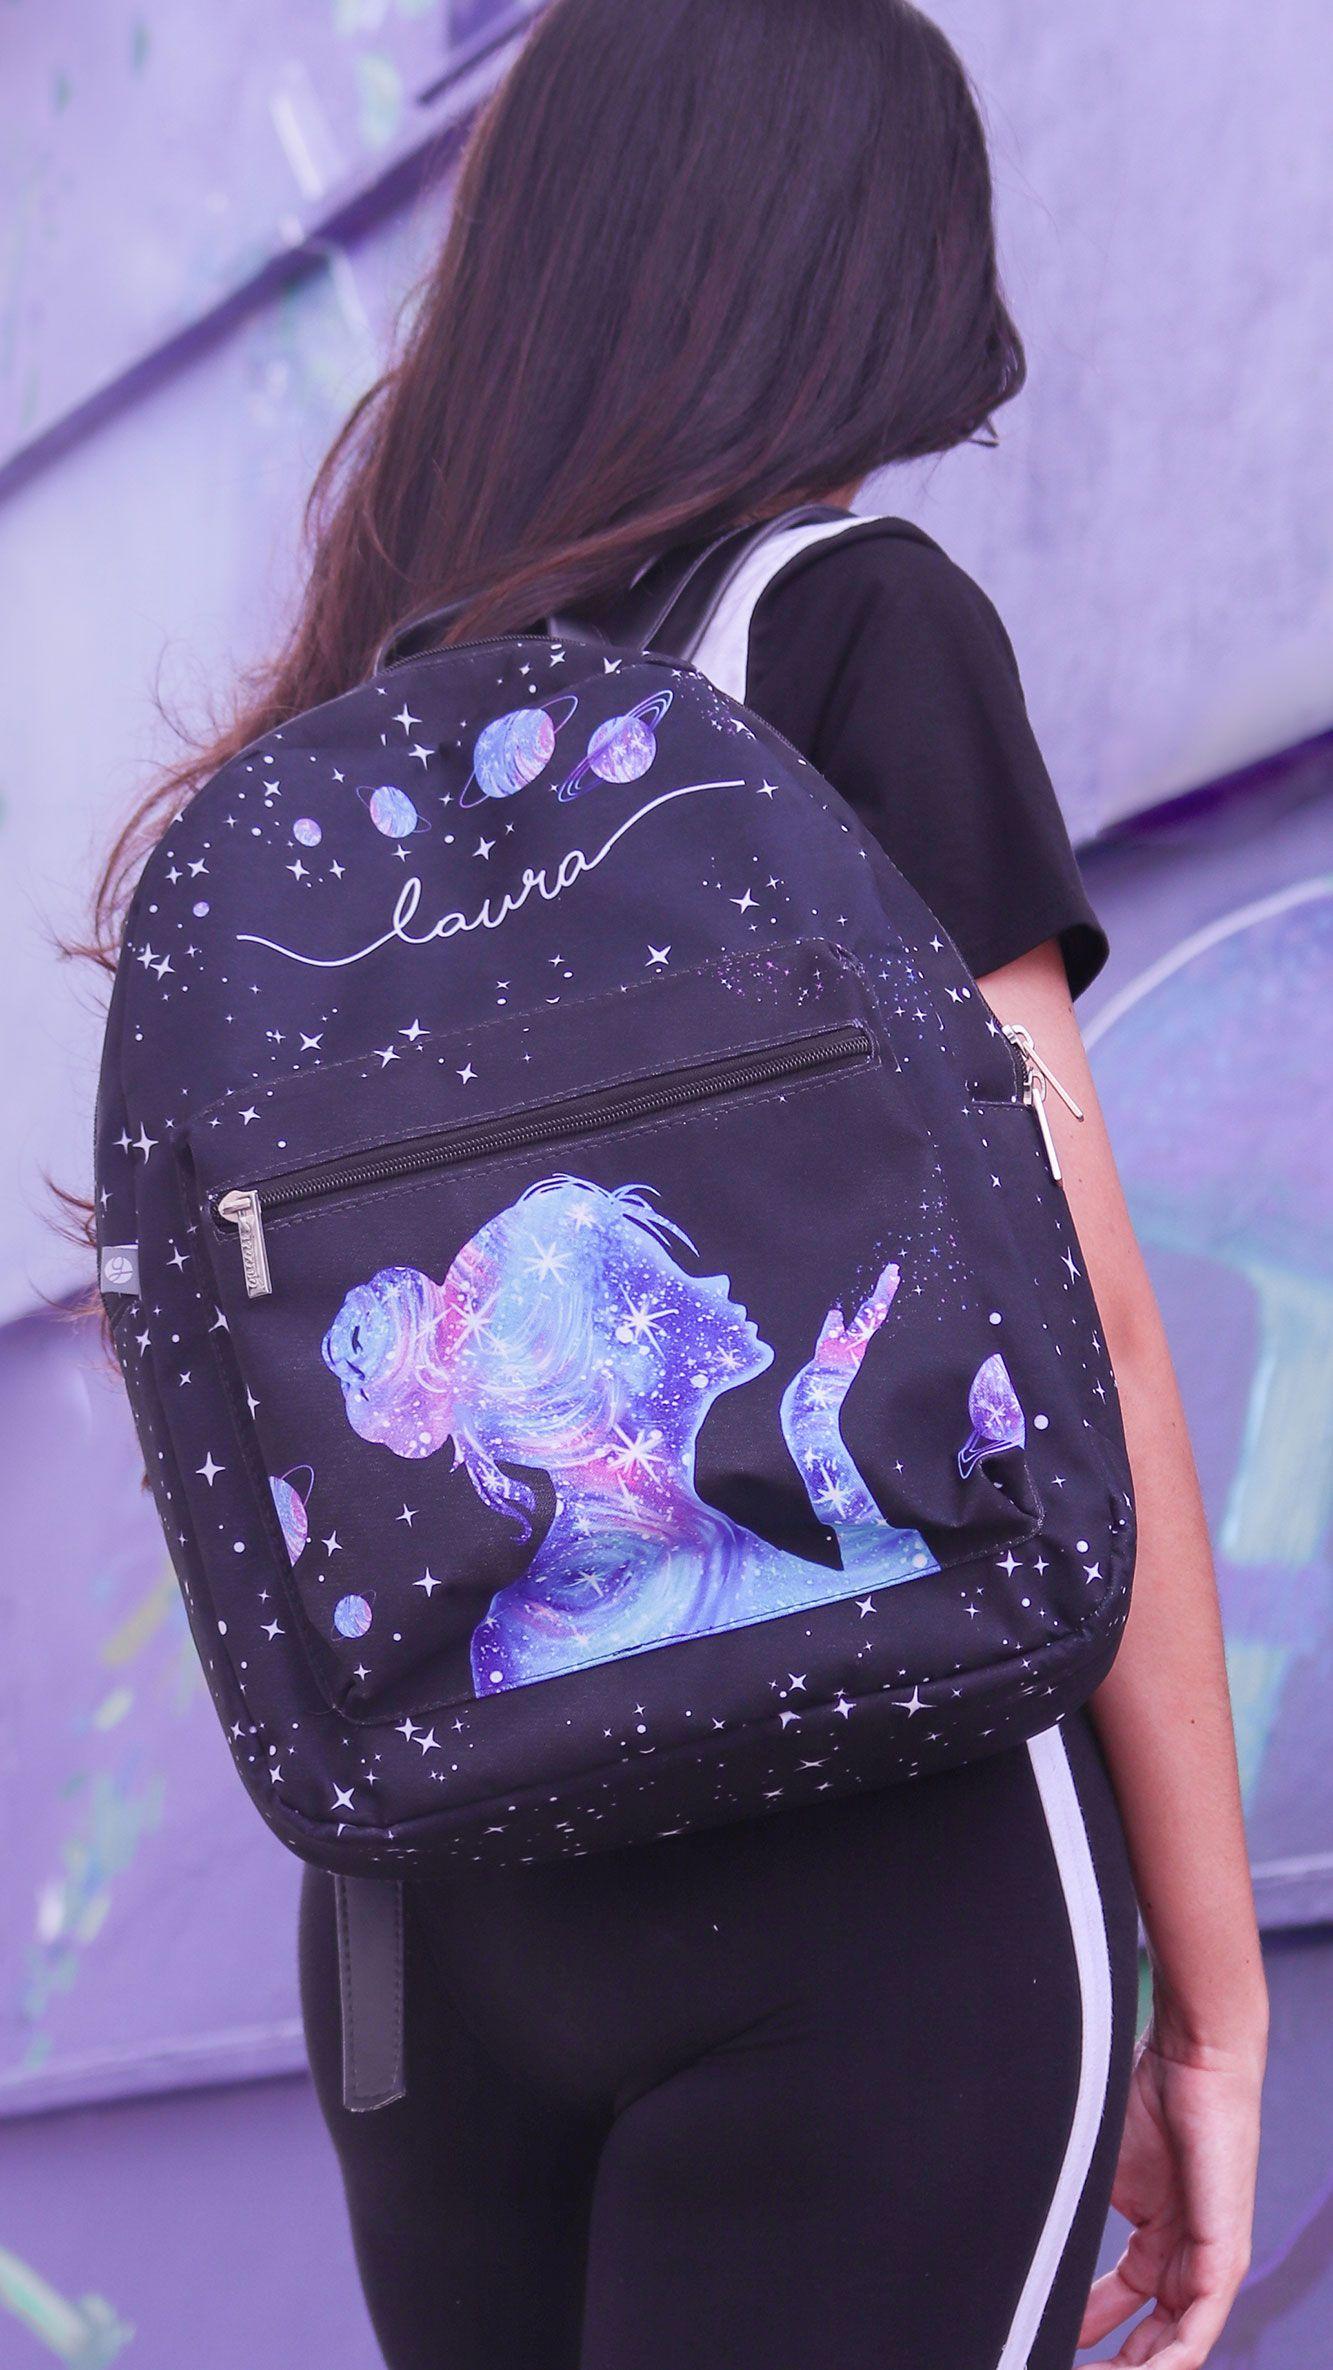 dd8bf8604 Mochila Gocase Bag - Poeira das Estrelas Manuscrita, universo, menina,  roxo, laura